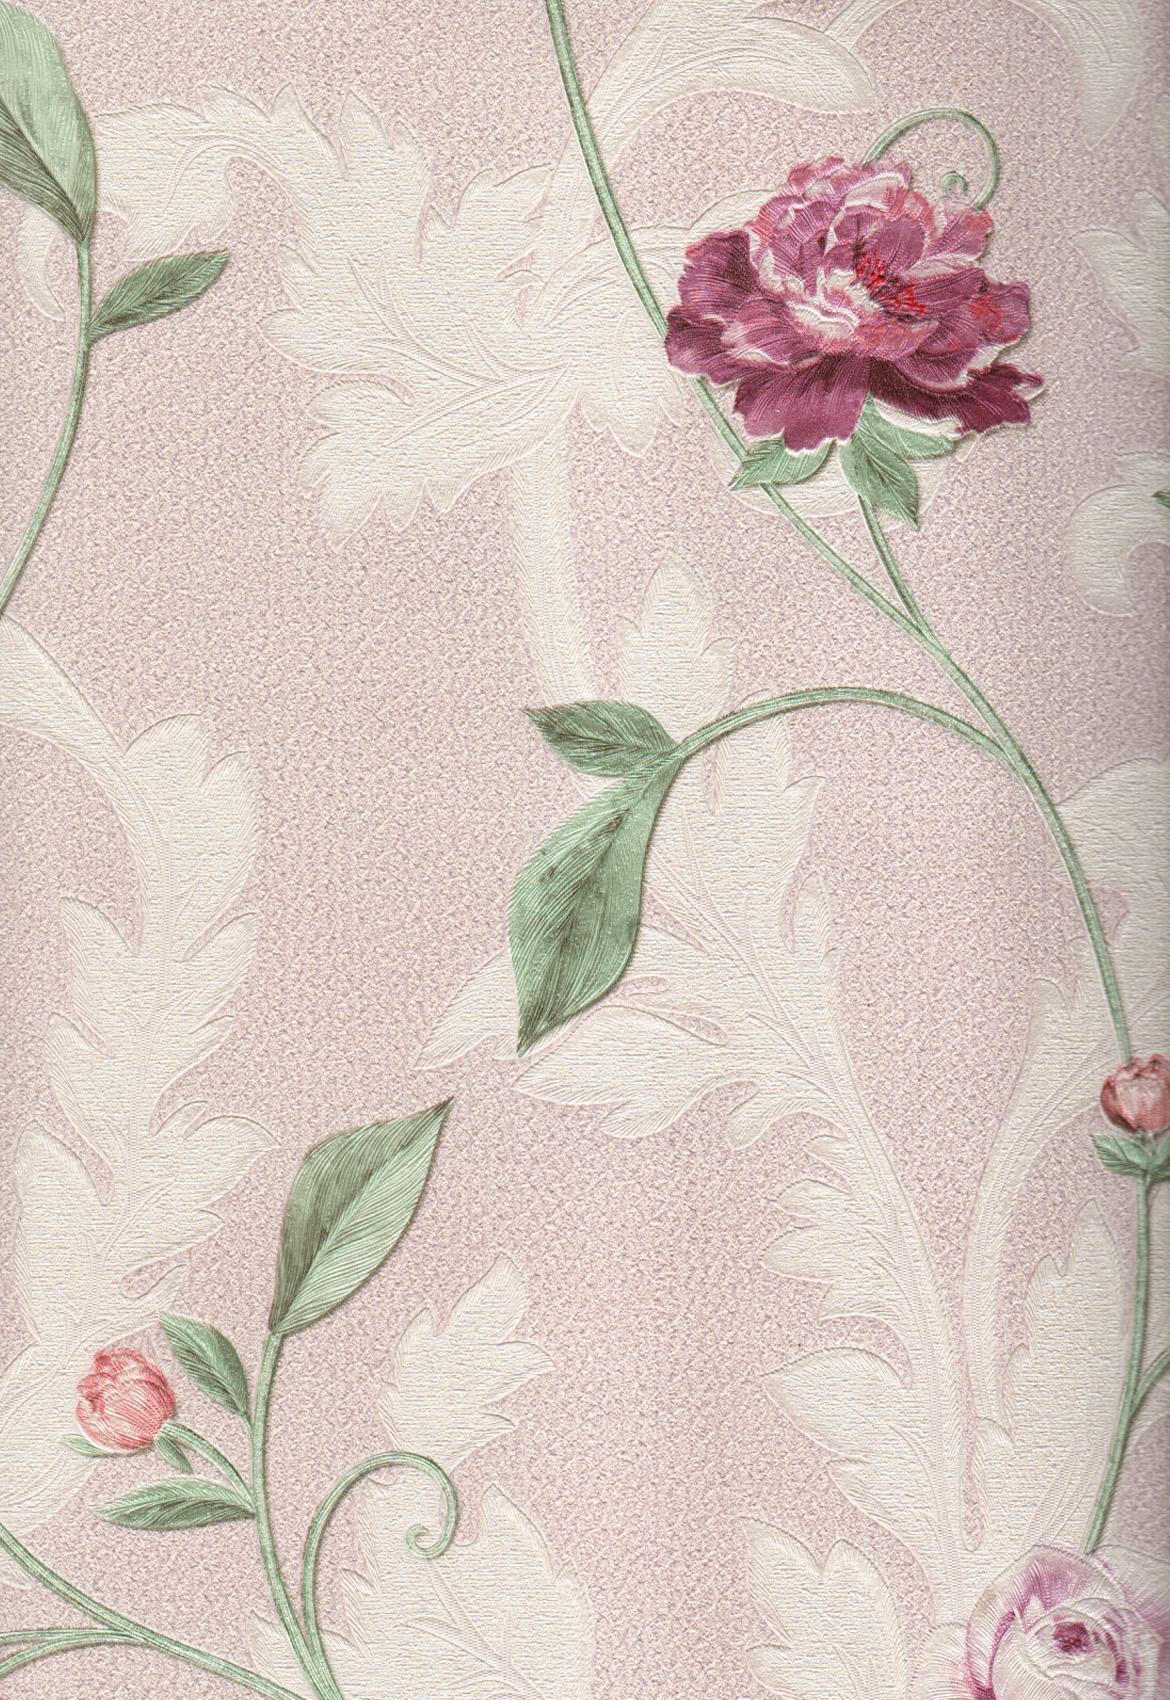 wallpaper   Wallpaper Bunga 5013-3:5013-3 corak  warna